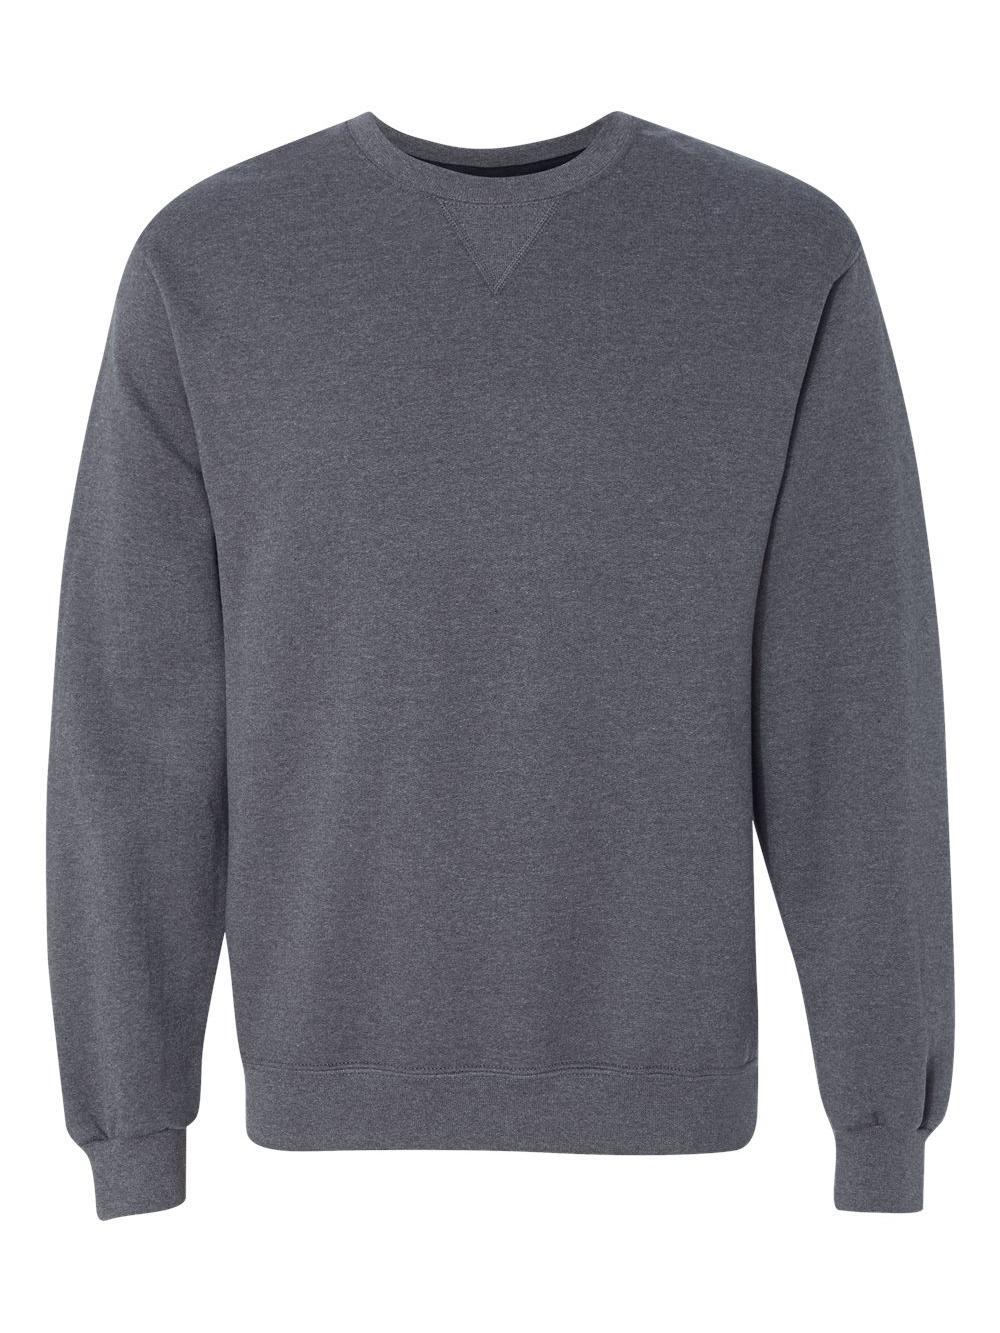 Fruit of the Loom Fleece Sofspun Crewneck Sweatshirt